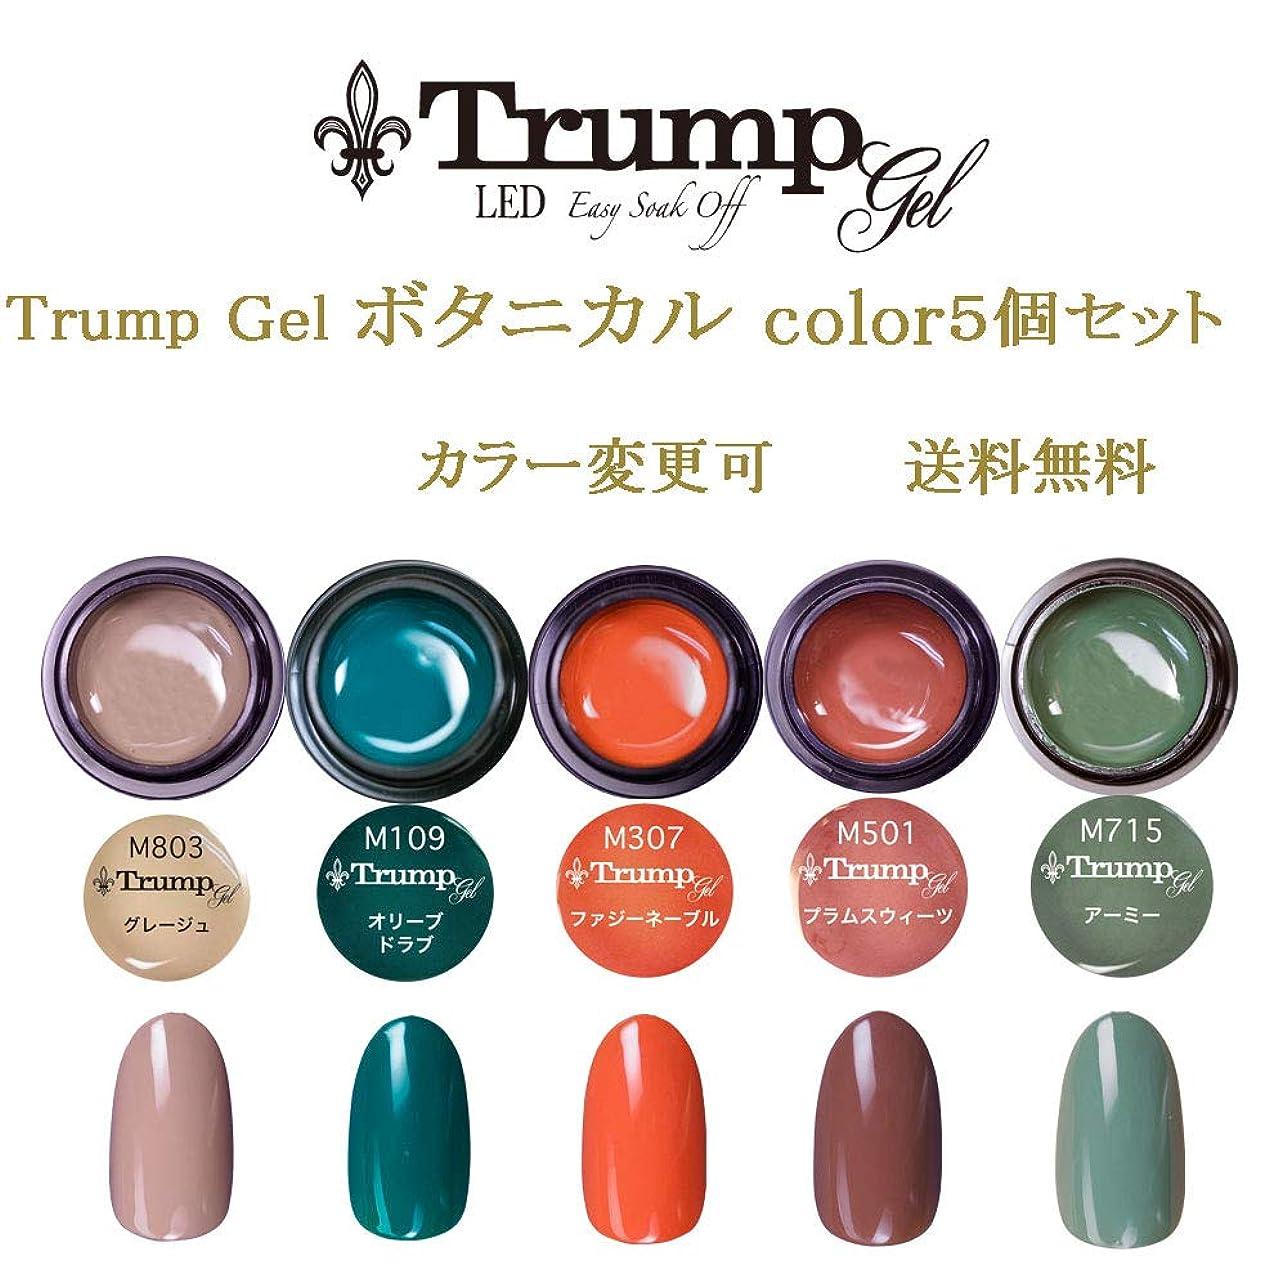 シャットメイン寝室を掃除する日本製 Trump gel トランプジェル ボタニカルカラー 選べる カラージェル 5個セット カーキー ベージュ グリーン